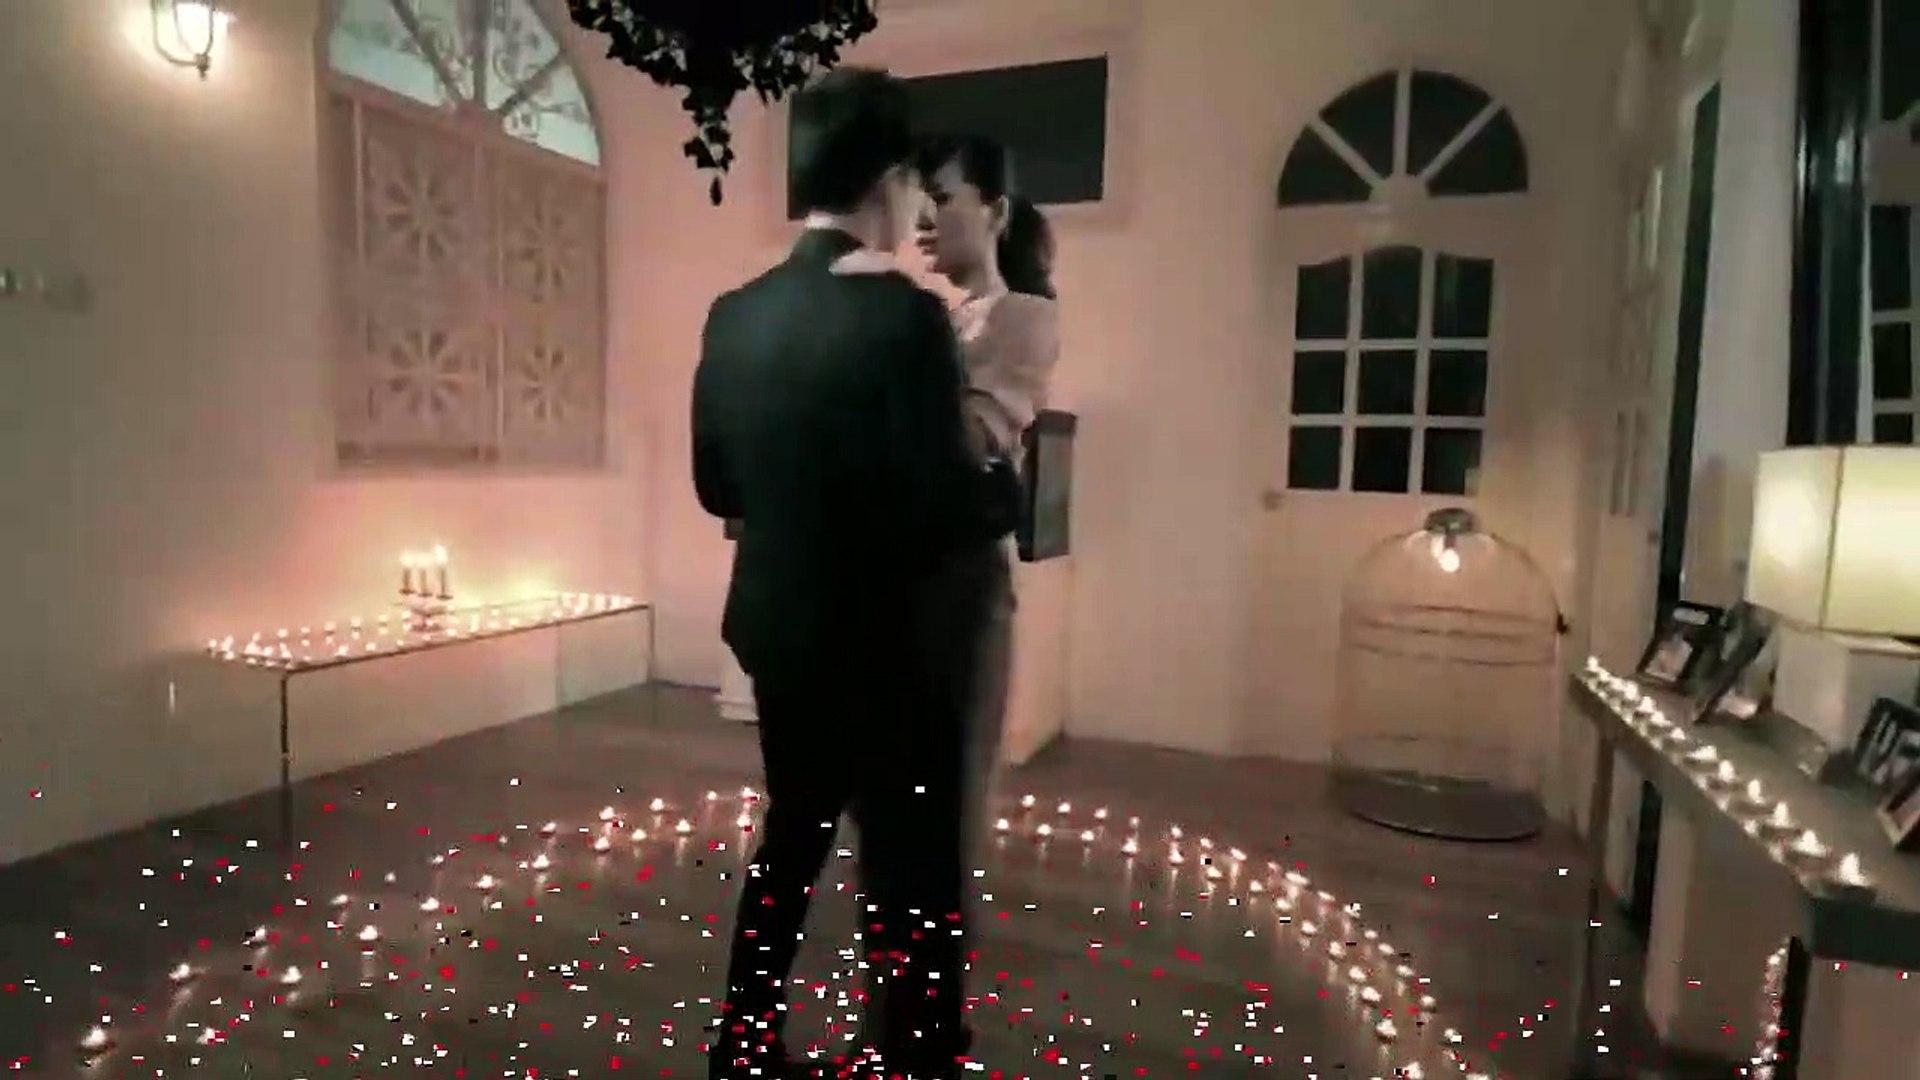 [Karaoke] Có Khi Nào Rời Xa (Version 2) - Bích Phương Ft. Nukan Trần Tùng Anh [Beat]